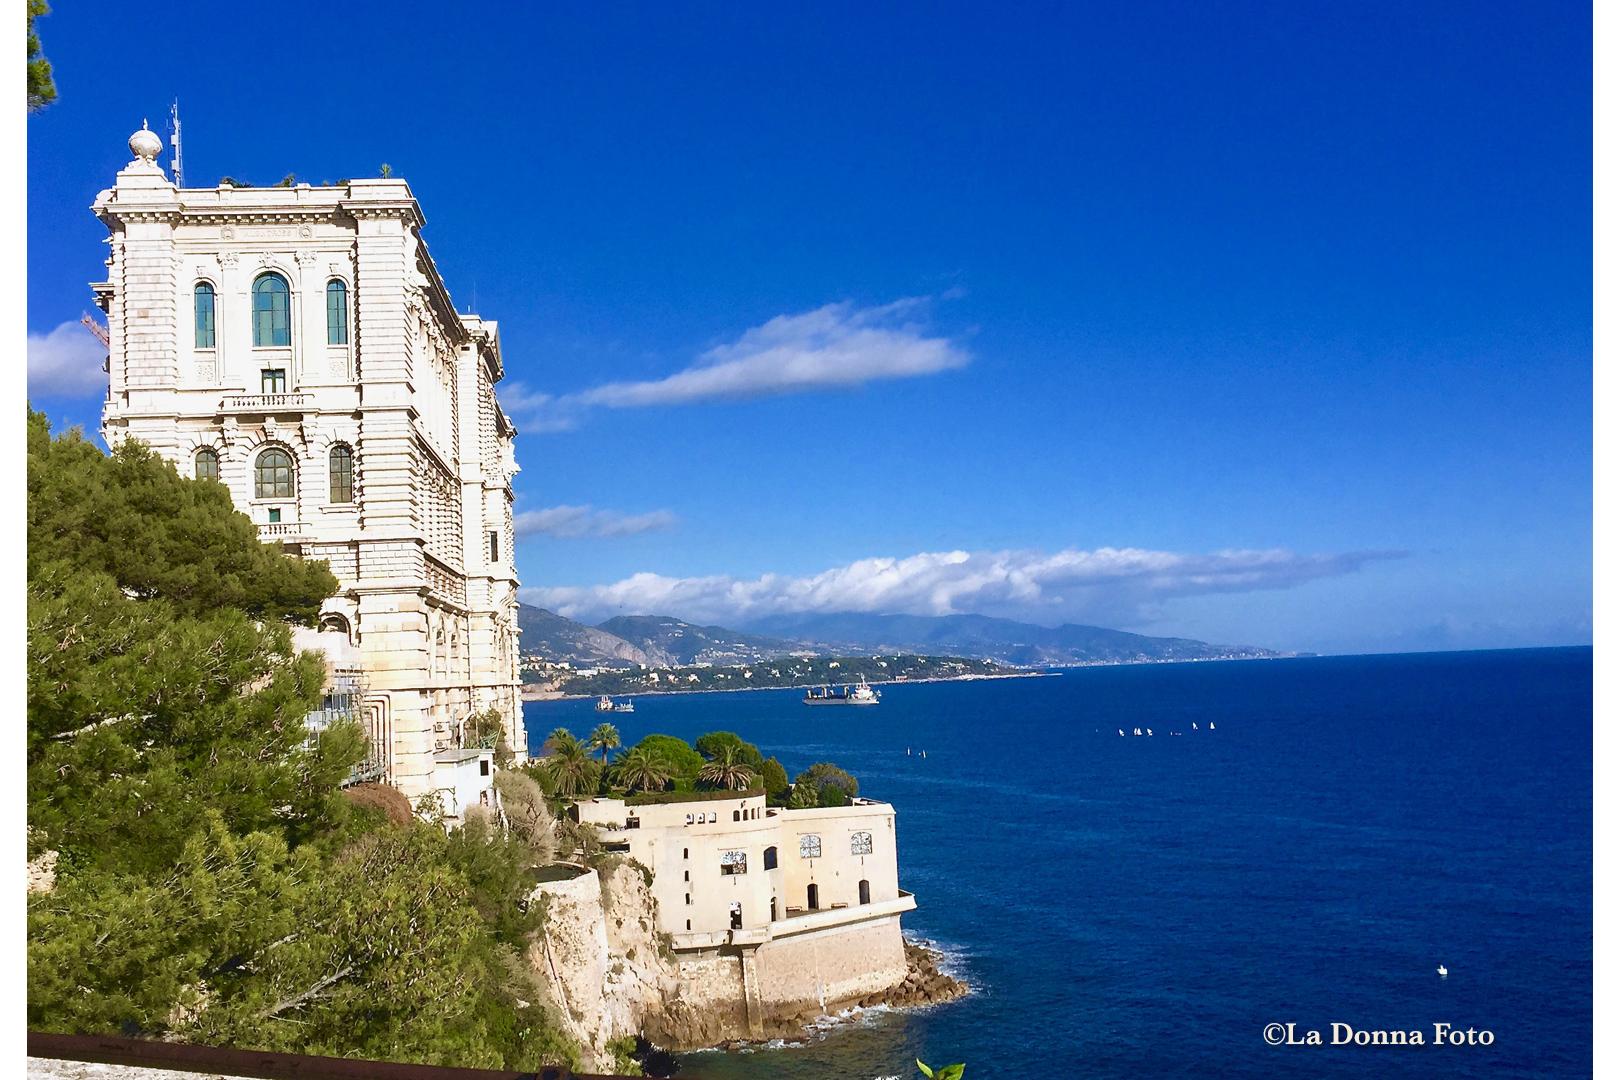 Living on the Edge, Monte Carlo - Italian Landscape Photography - La Donna Foto Houston, TX 77007